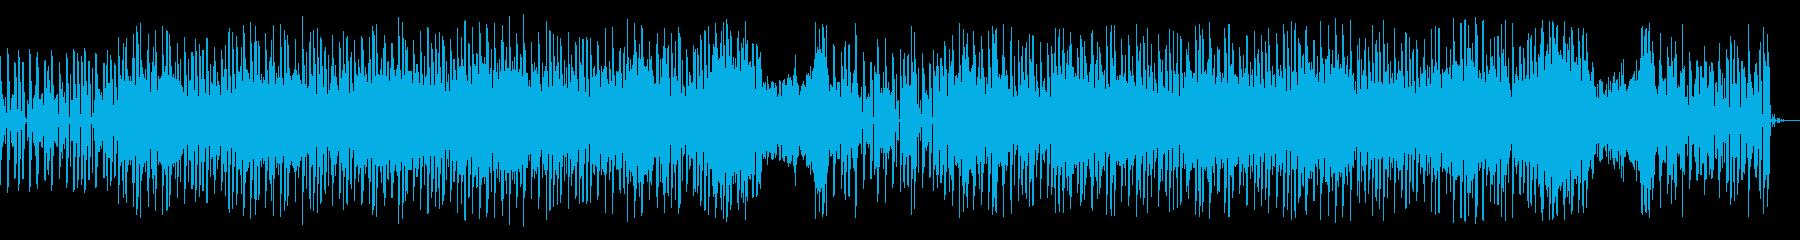 コミカルで民族音楽っぽいエレクトロニカの再生済みの波形